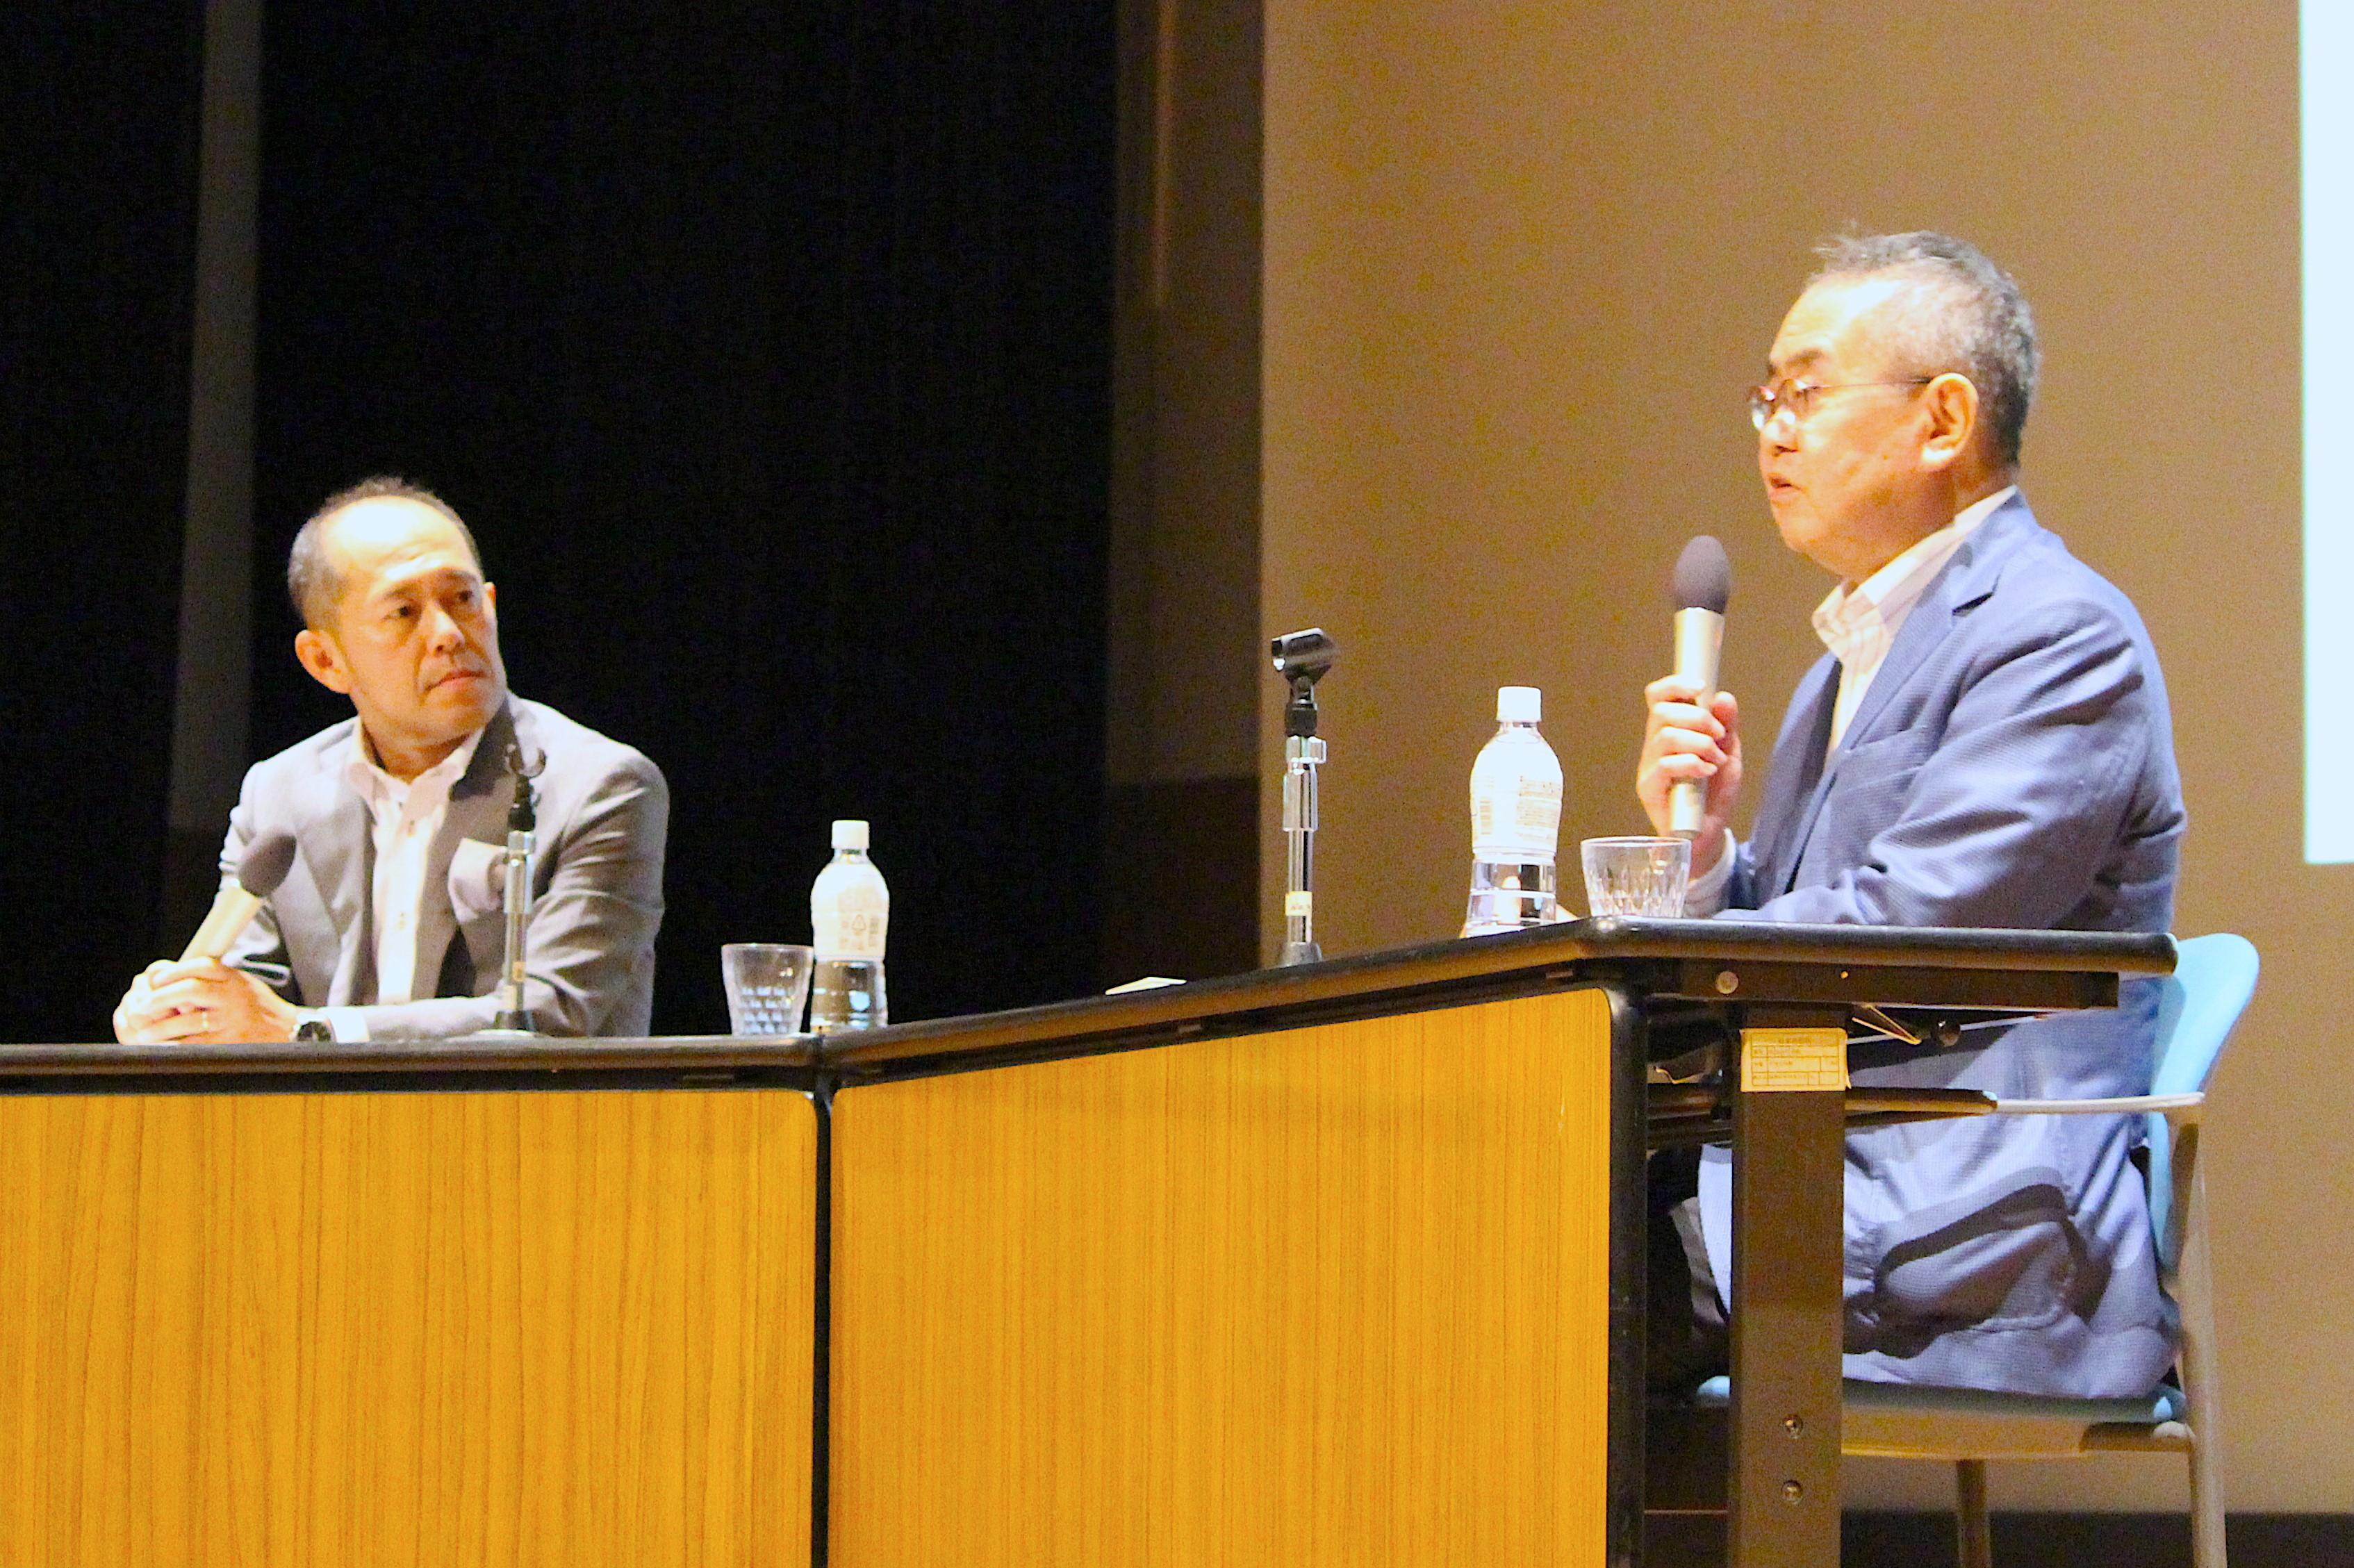 【リポート】クロストーク「時代の聴者が語る、これからの日本と松本」